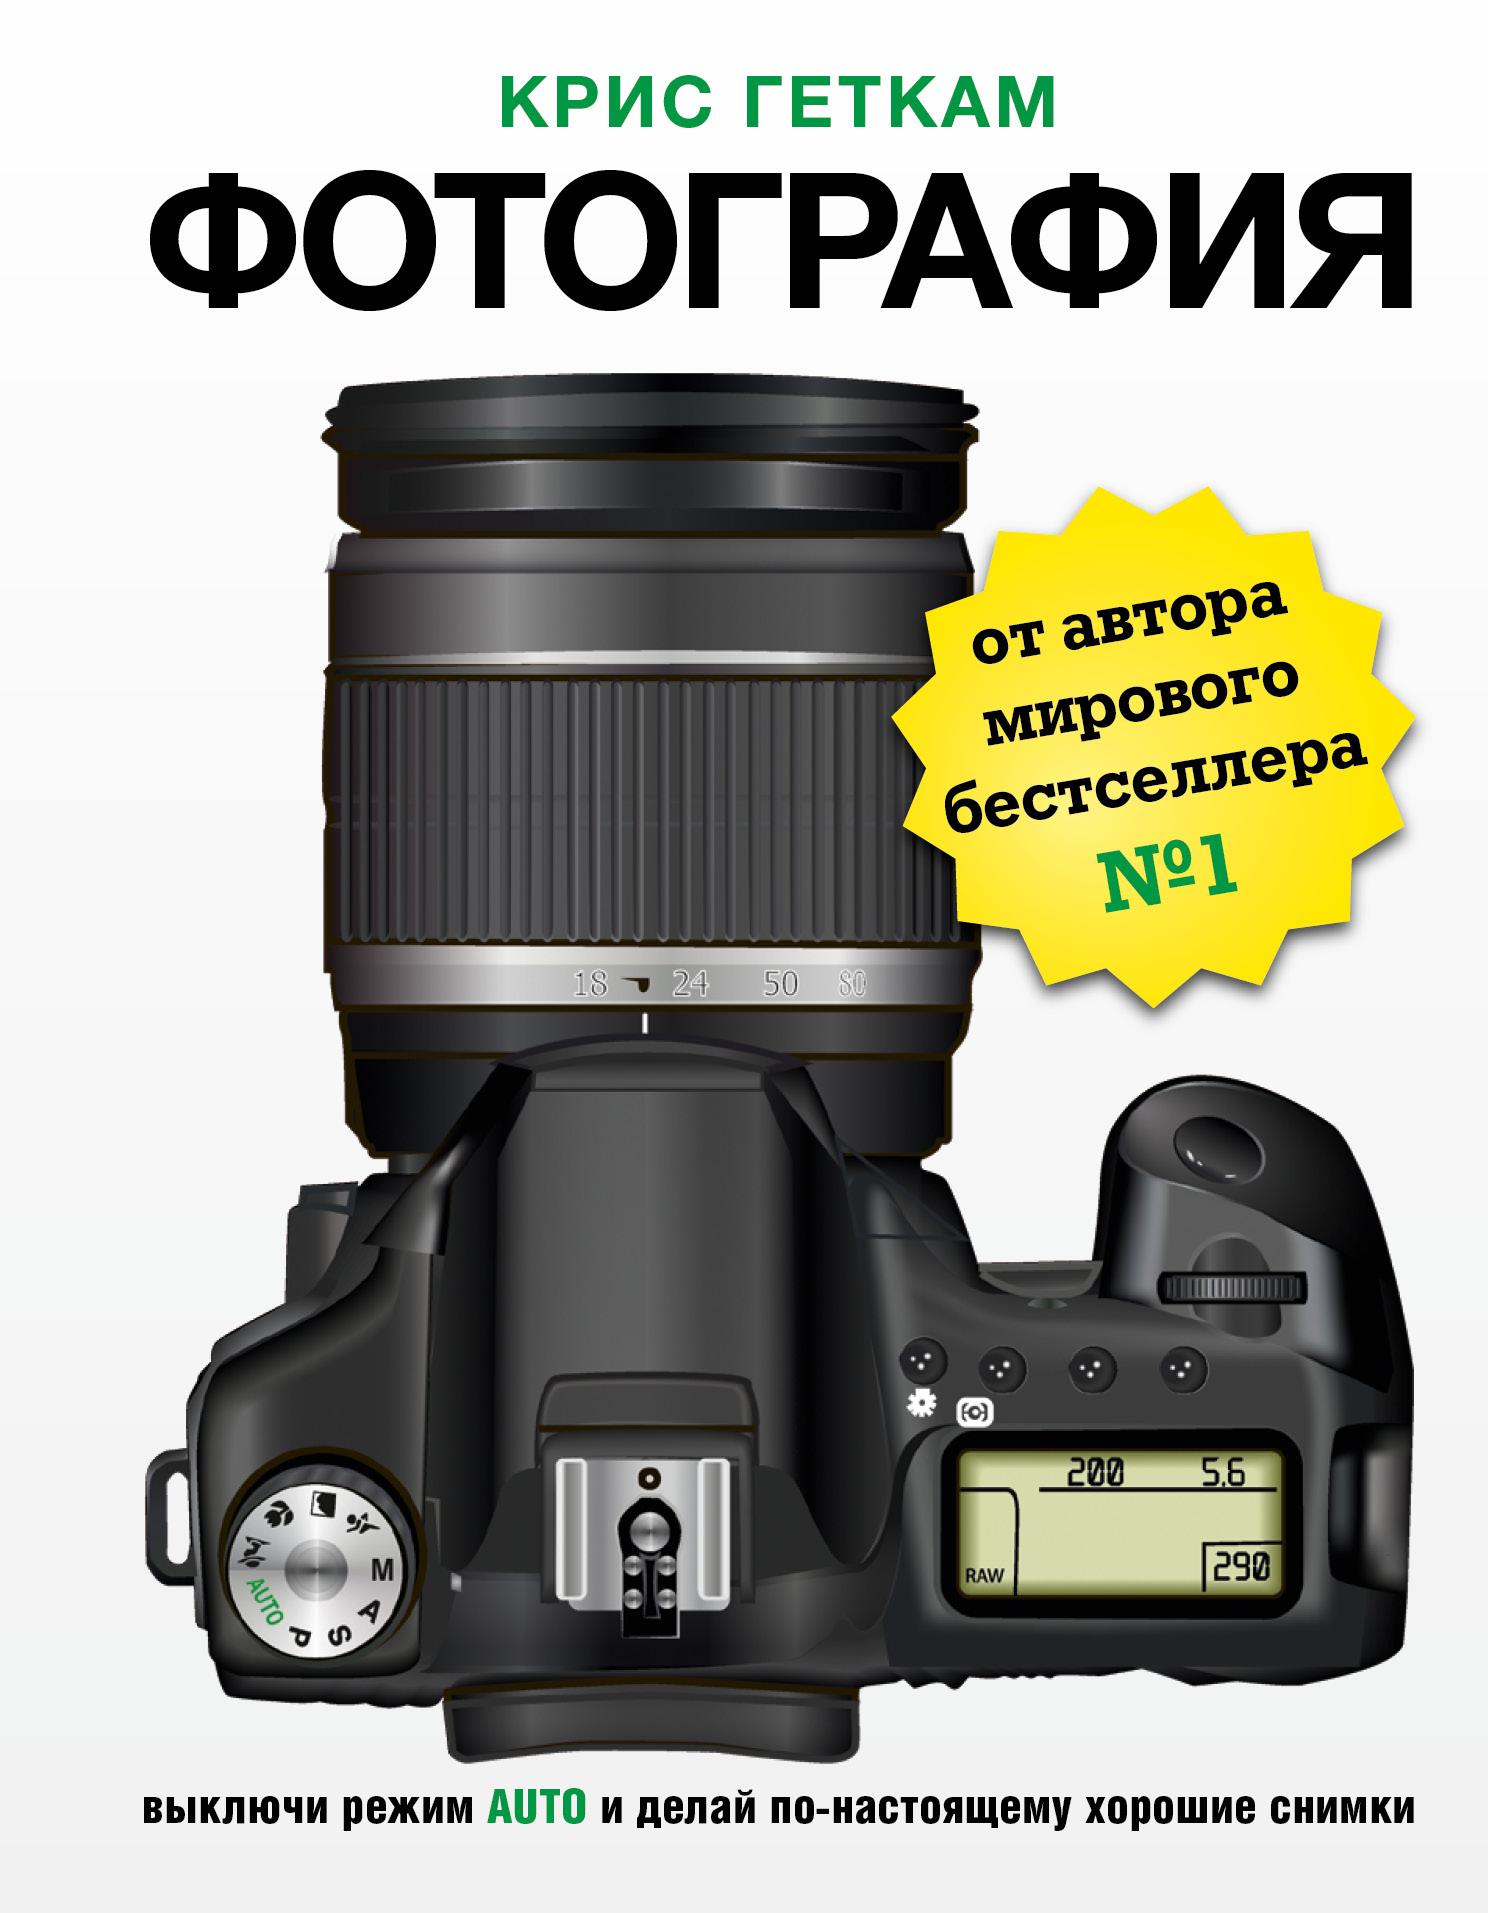 Купить Фотография. Выключи режим Auto и делай по-настоящему, Крис Гэткам, 978-5-17-094836-9